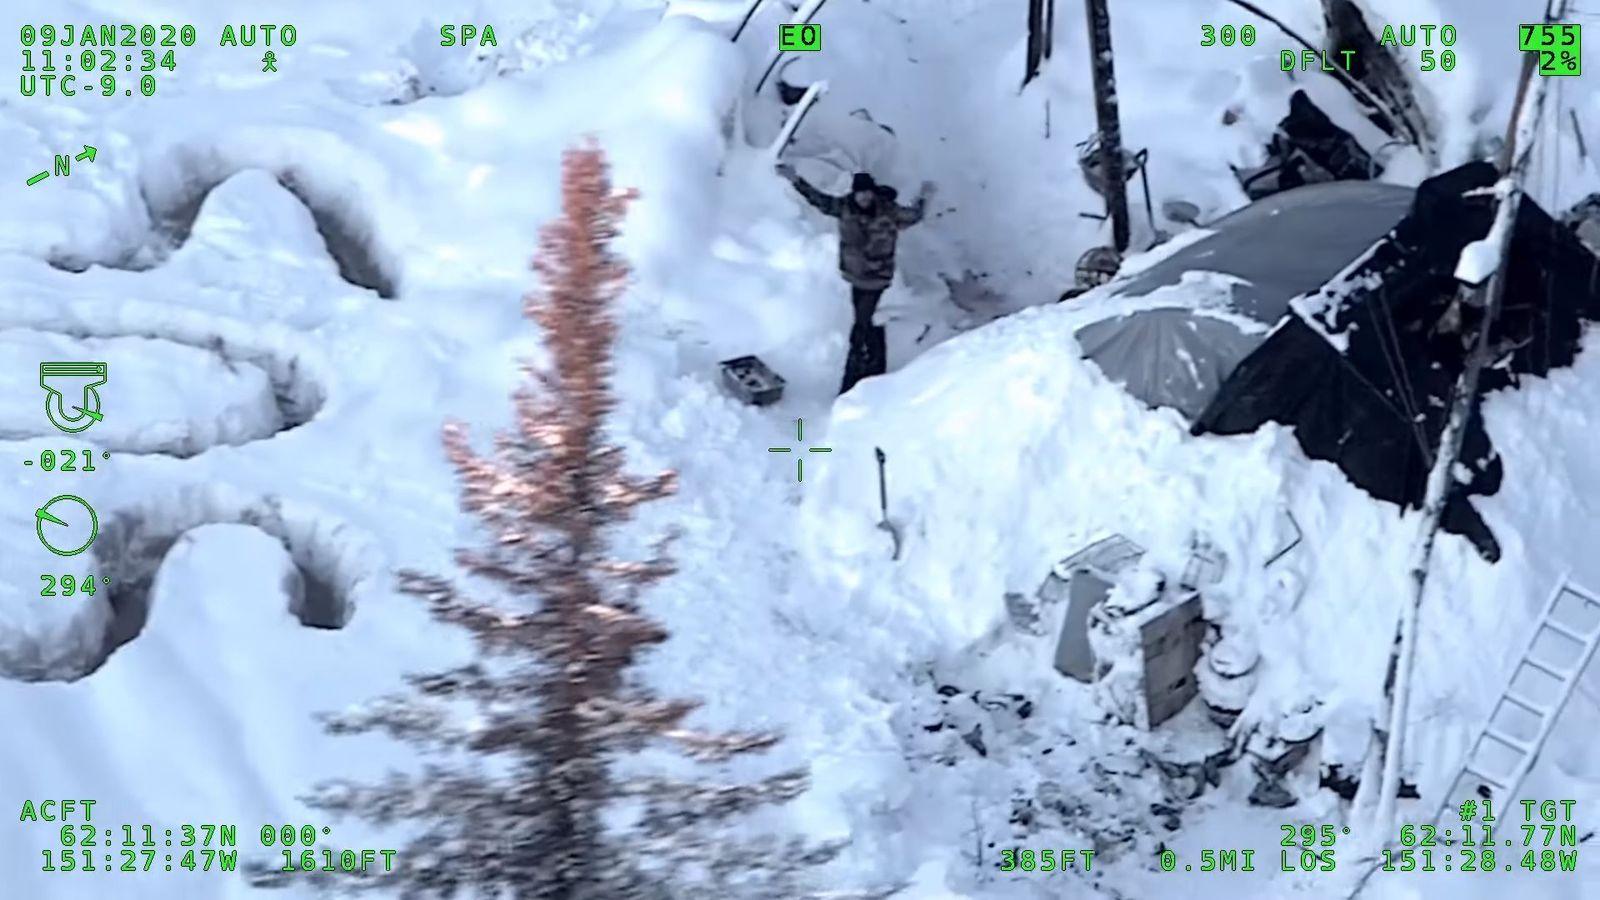 Man survives in remote Alaska after cabin fire, Skwentna, USA - 13 Jan 2020